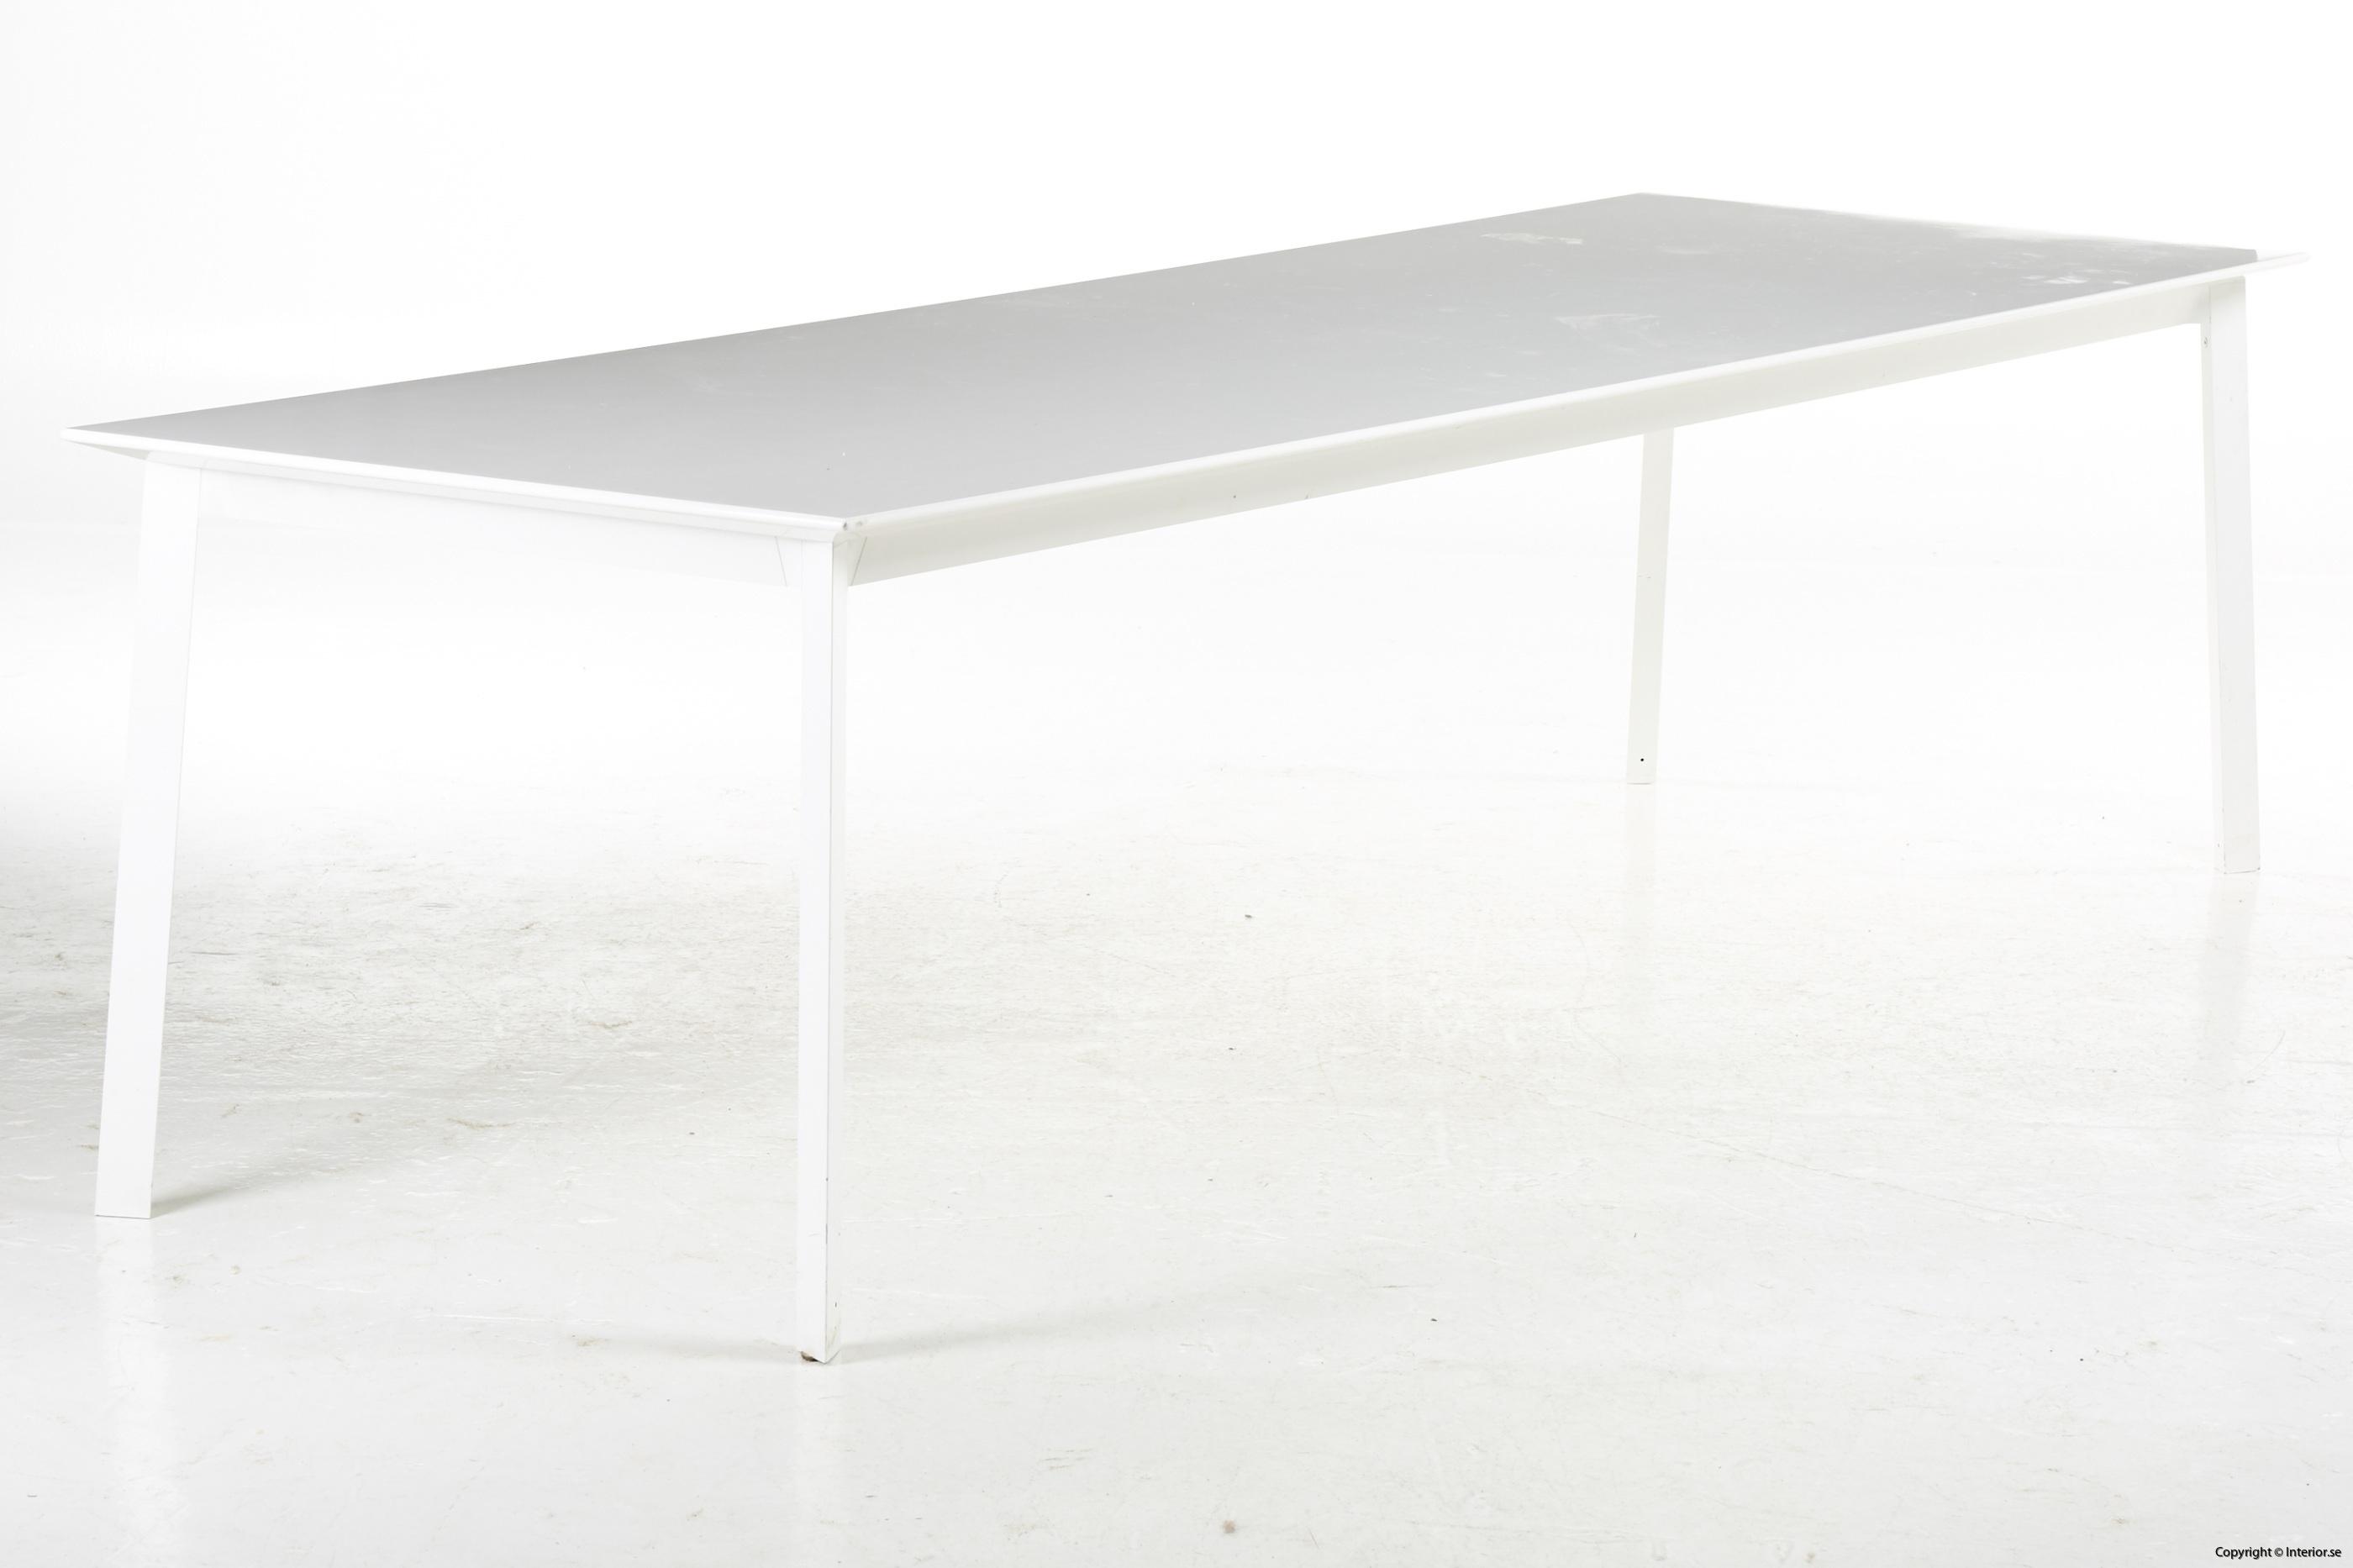 Konferensbord, vit laminat & stål - 280 x 90 cm conference table 6